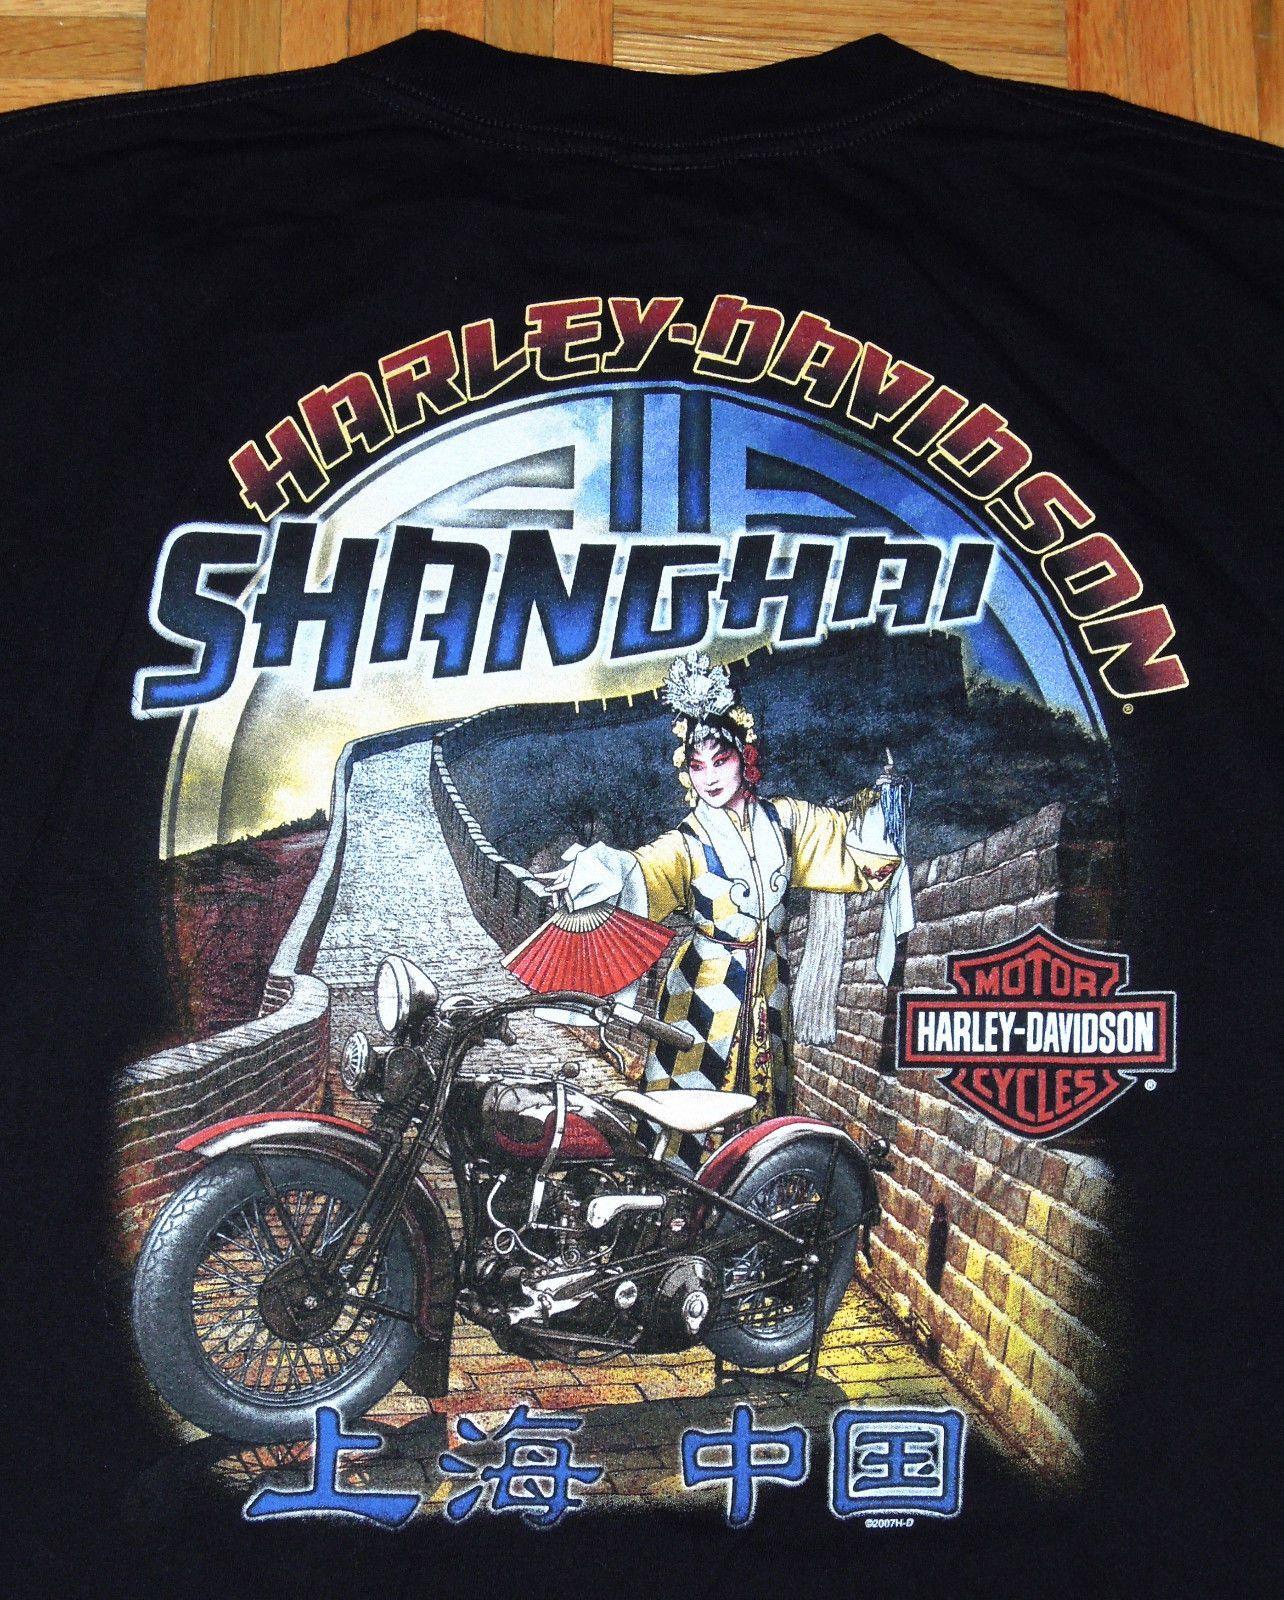 Harley Davidson Black T Shirt Shanghai China Hog Motorcycles Biker Size 2xl Rare Eba Harley Davidson Pictures Harley Davidson Posters Harley Davidson Artwork